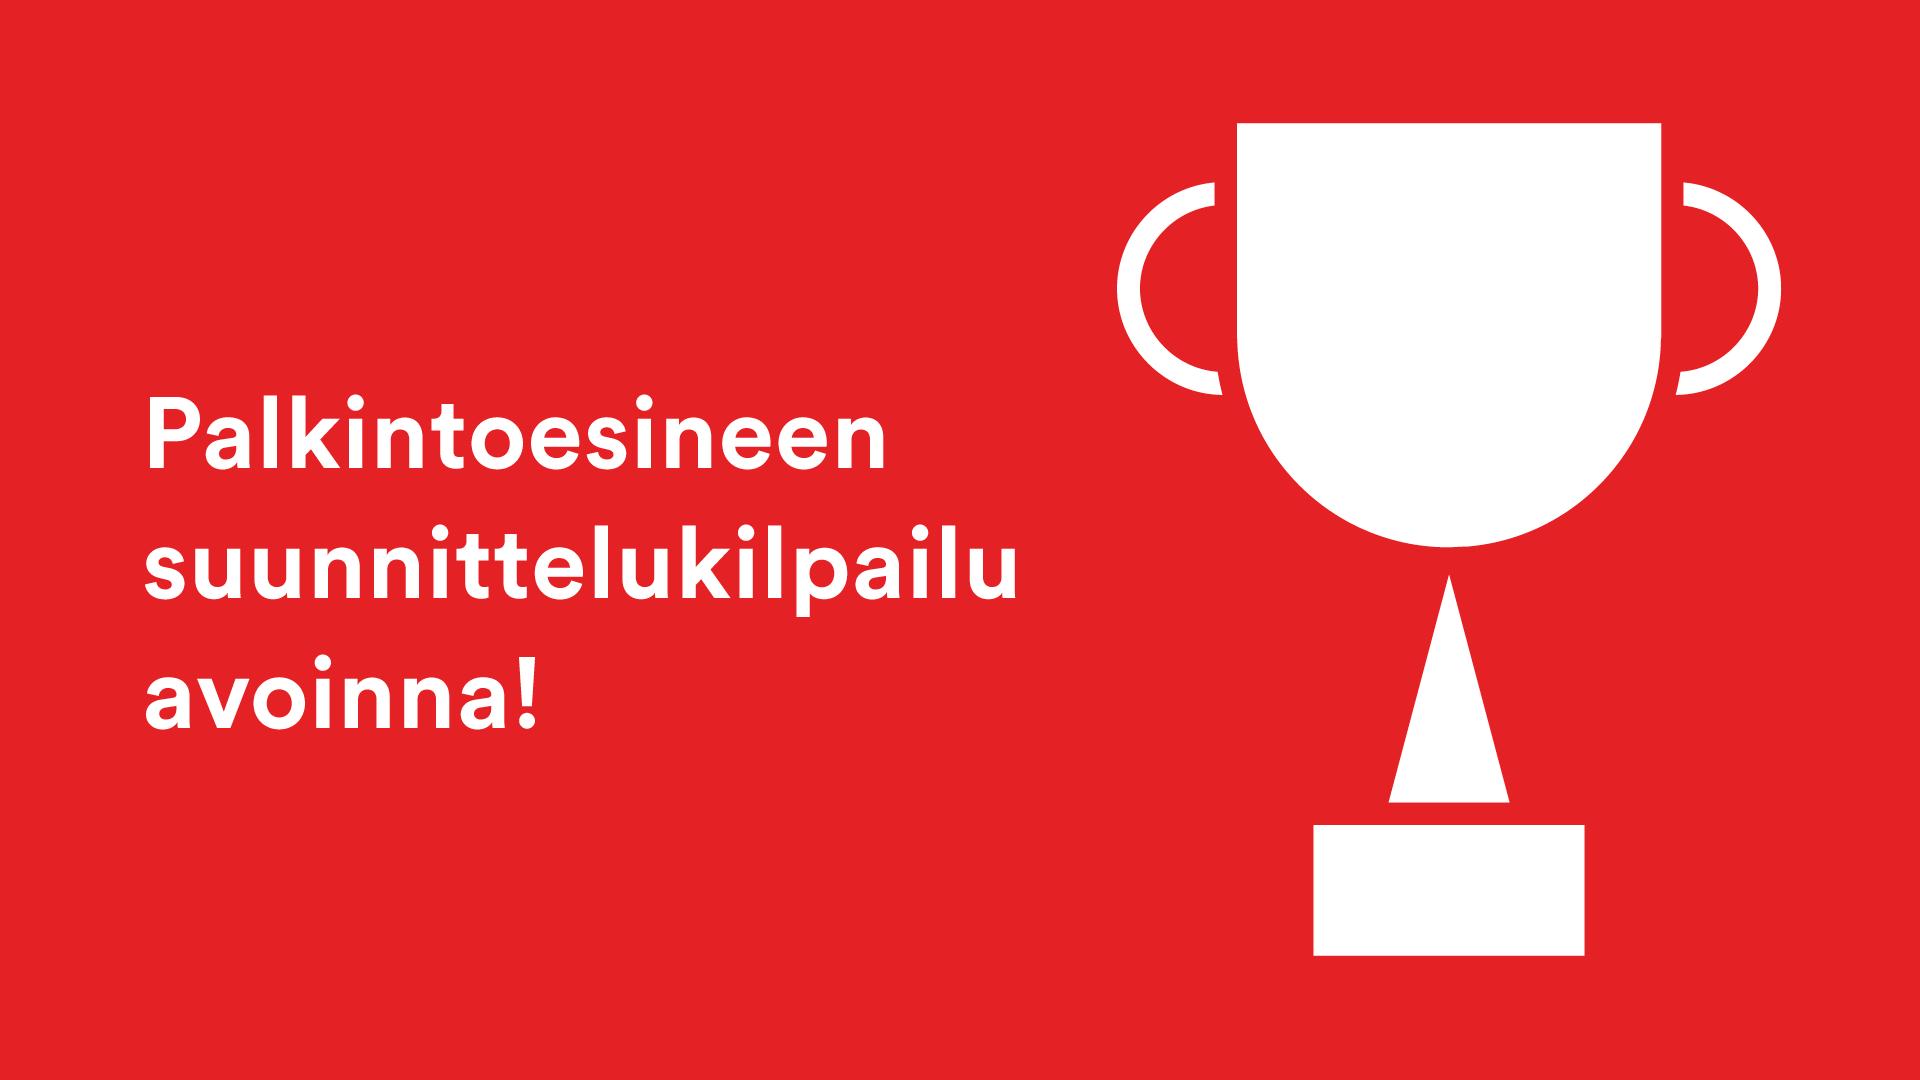 Kilpailu: Suunnittele Kulttuurigaalan palkintoesine